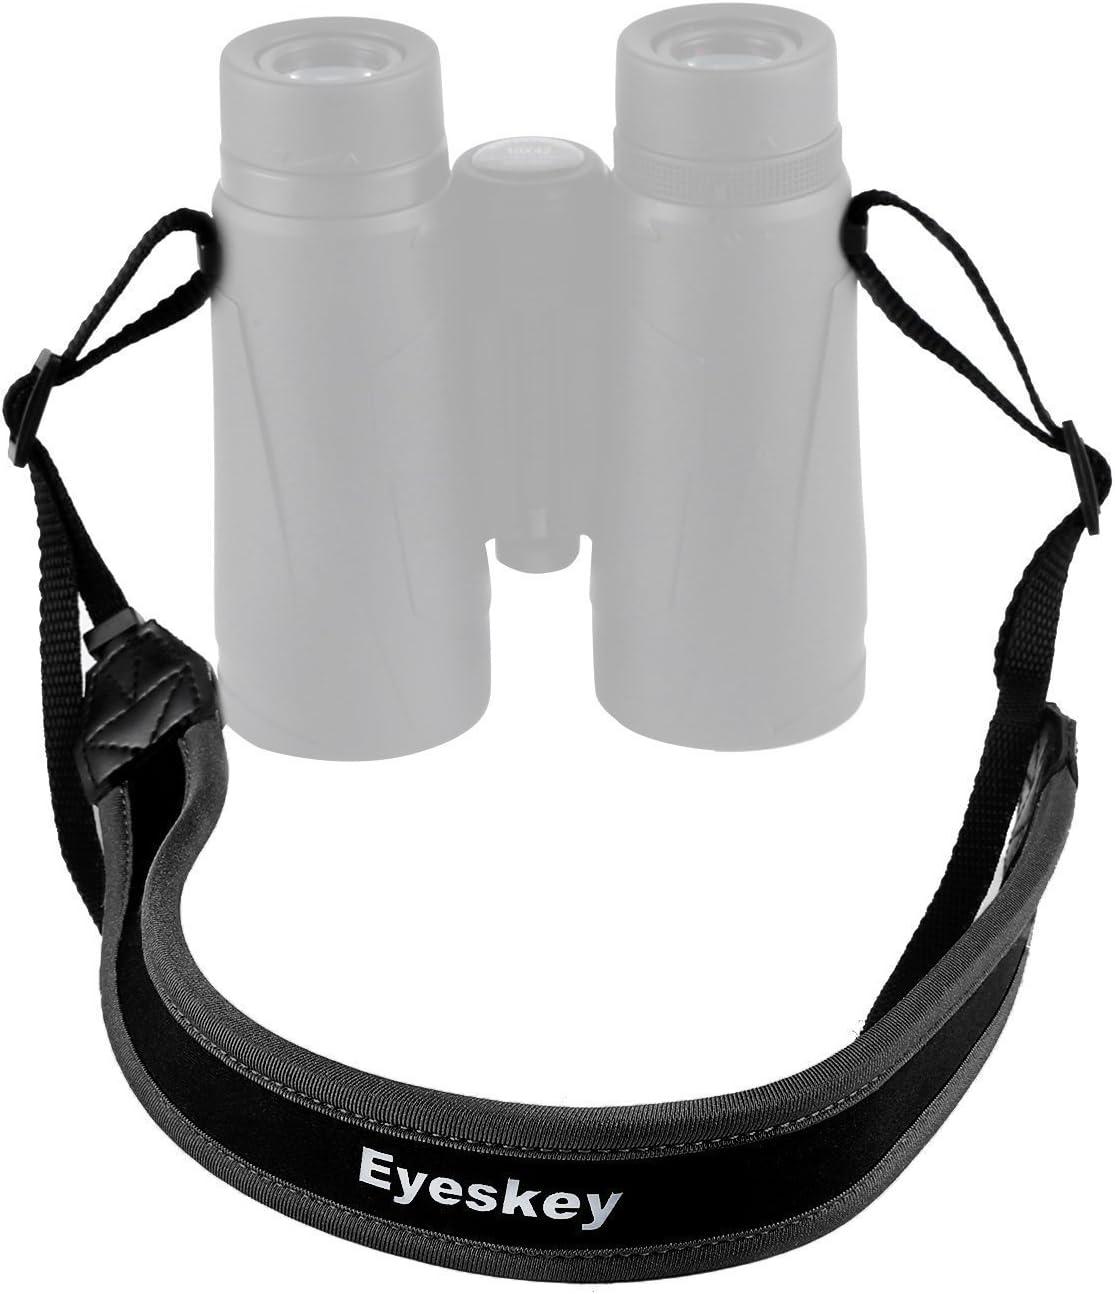 Field Repair Buckle Lightweight Adjustable Length Neck Straps for Binoculars Cameras Loop Connectors TROSCAS Super Comfort Neoprene Optic Straps Type 1